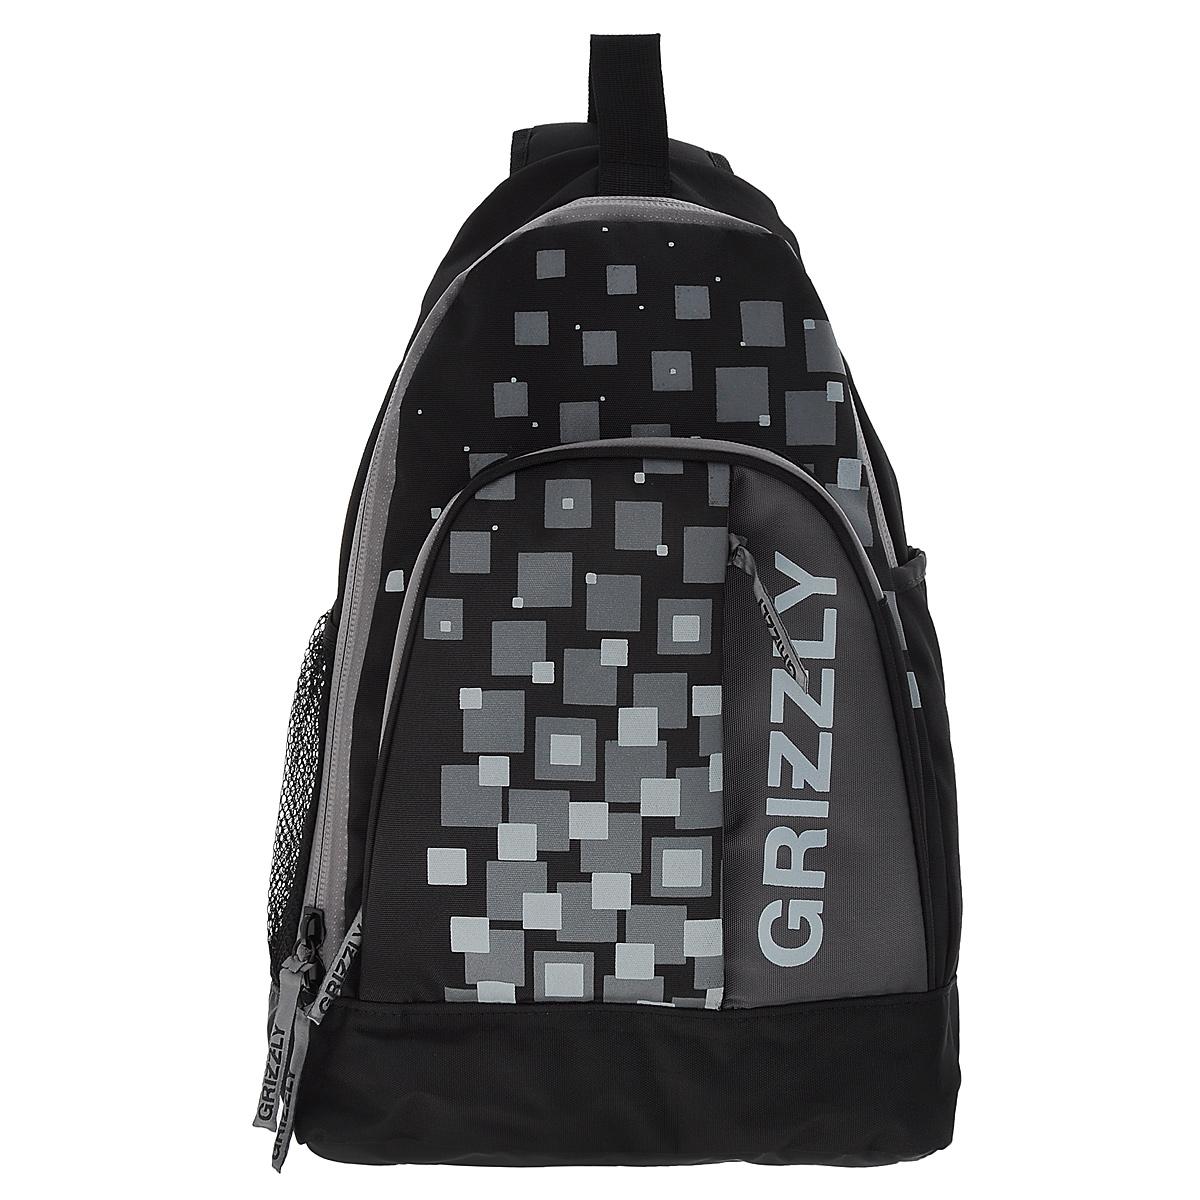 Рюкзак городской Grizzly, цвет: черный, серый, 24 л. RU-510-2/3RU-510-2/3Рюкзак Grizzly - это удобный и практичный рюкзак, изготовленный из полиэстера. Рюкзак имеет одно главное отделение, которое закрывается на застежку-молнию. Внутри основного отделения - карман на липучке и карман на застежке-молнии. По бокам рюкзака - два кармана, один из которых - сетчатый на резинке. На передней панели - вместительный карман на застежке-молнии с четырьмя небольшими кармашками внутри для письменных принадлежностей. Также на вместительном кармане расположен еще один потайной карман на застежке-молнии. Модель имеет укрепленную спинку с мягкой рельефной вставкой и одну лямку, а также ручку-петлю. Лямка оснащена мини-карманом на застежке-молнии для разных небольших мелочей и аксессуаров. Такой рюкзак - практичное и стильное приобретение на каждый день.